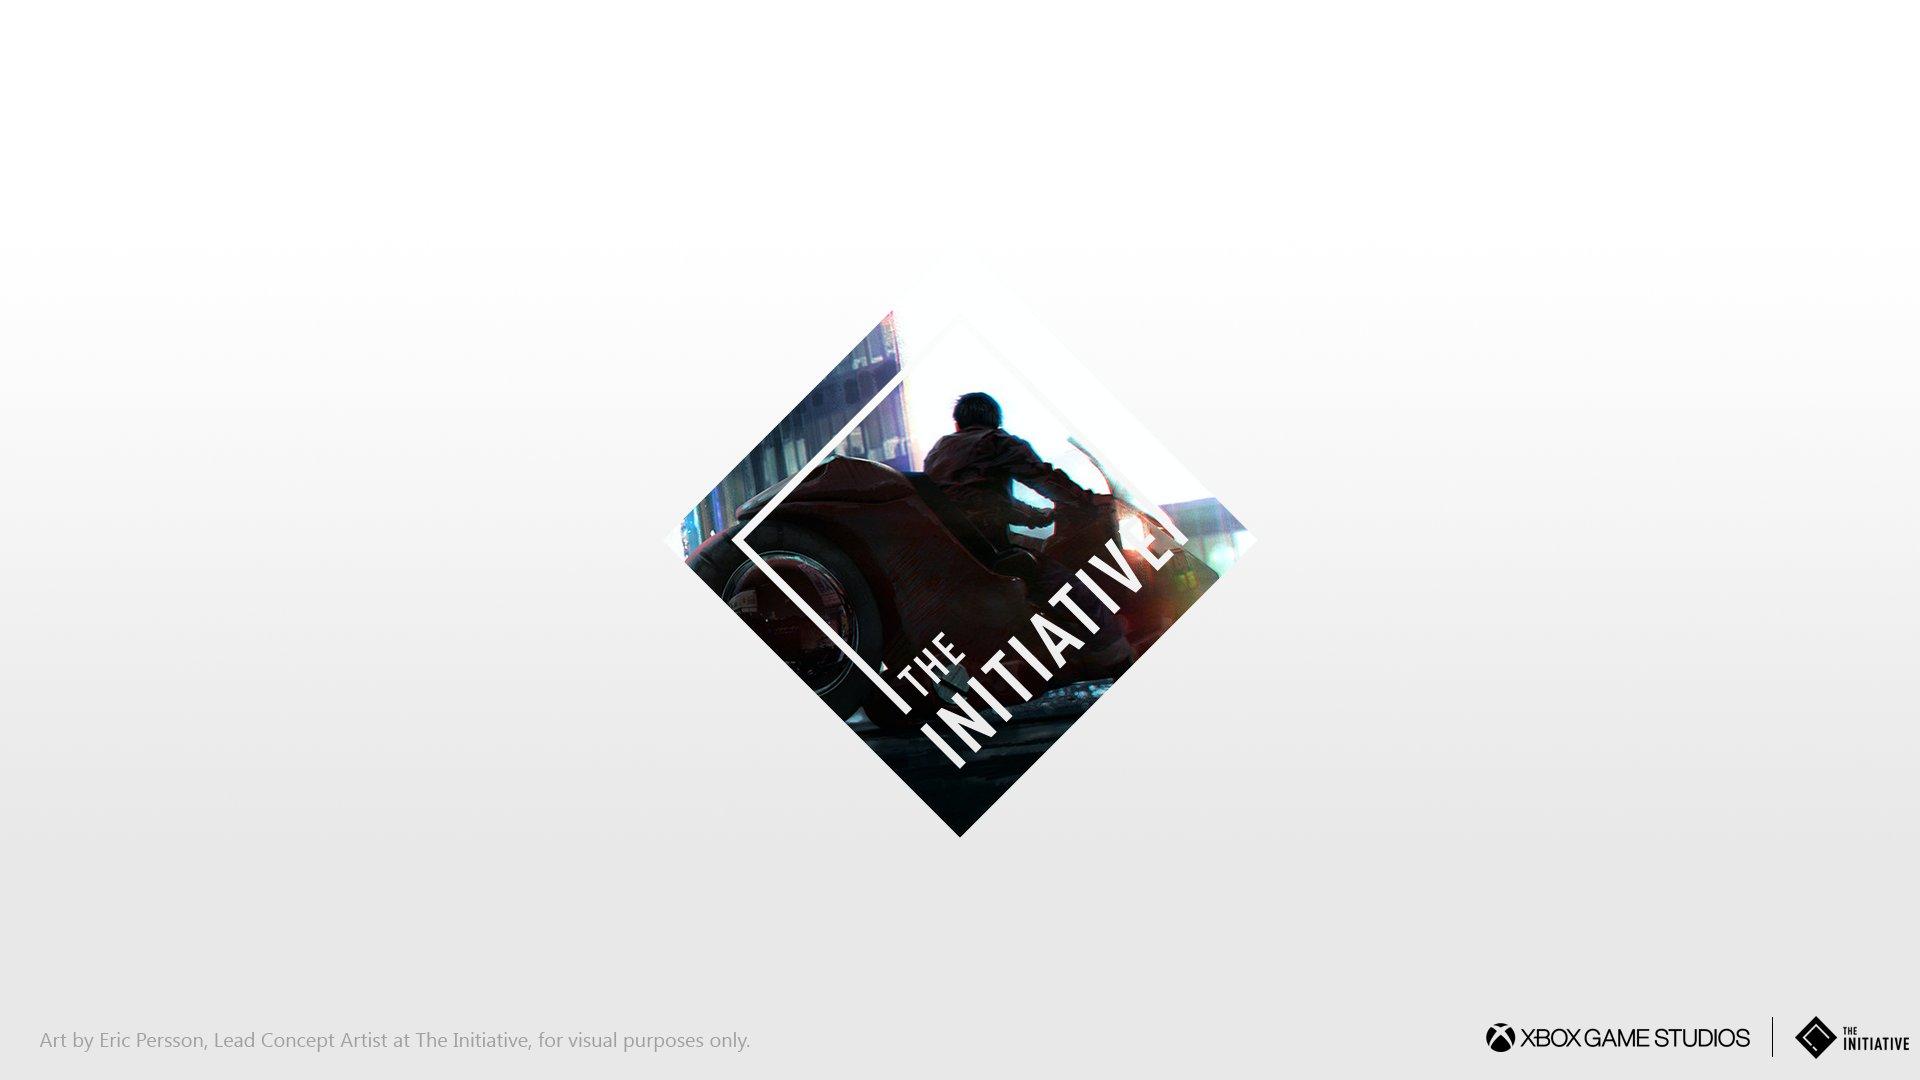 顽皮狗两名主力加入微软,两人曾参与《最后的生还者2》的开发